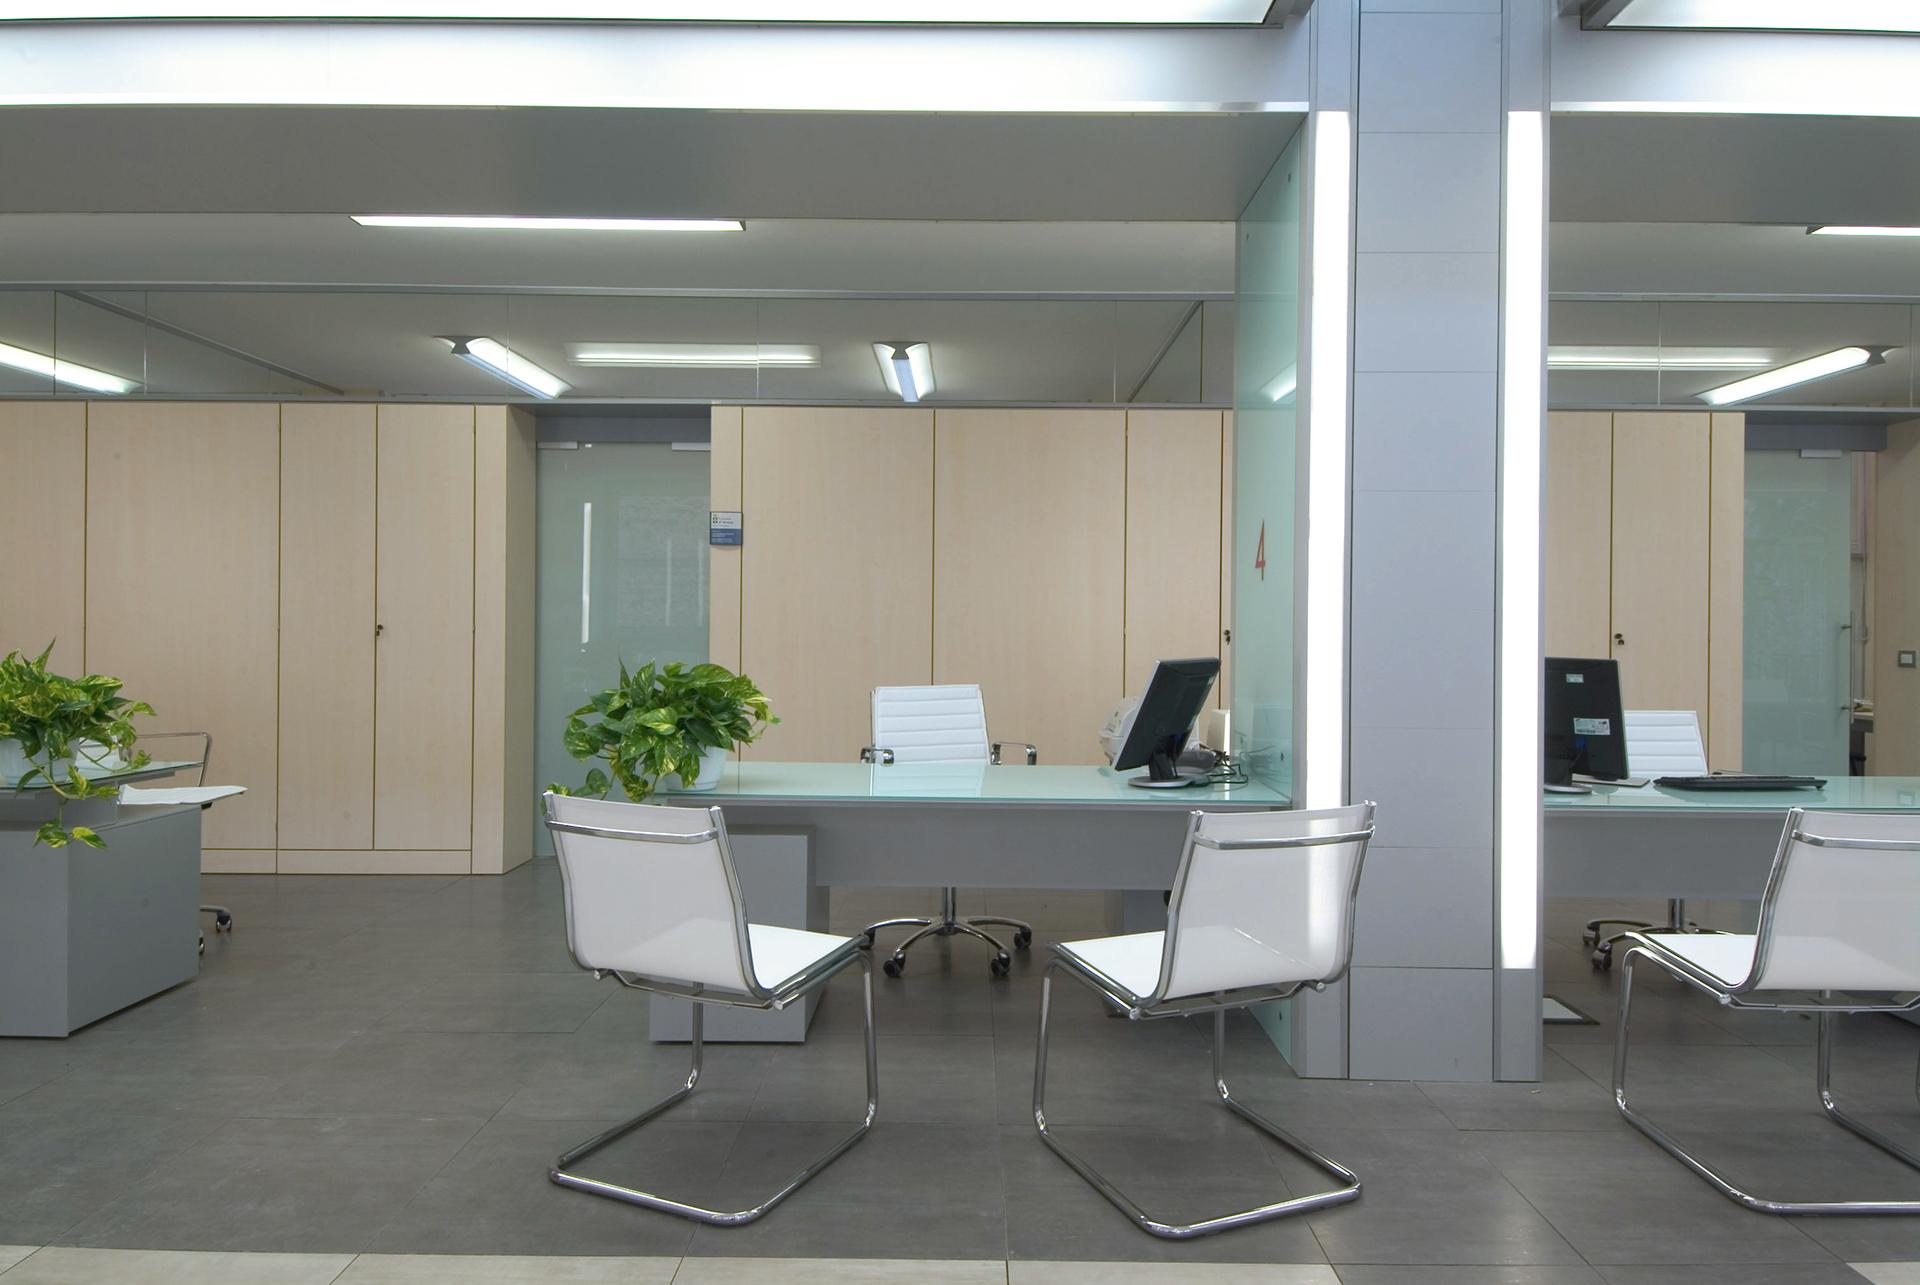 Arredo ufficio verona free with arredo ufficio verona for Mobili ufficio verona